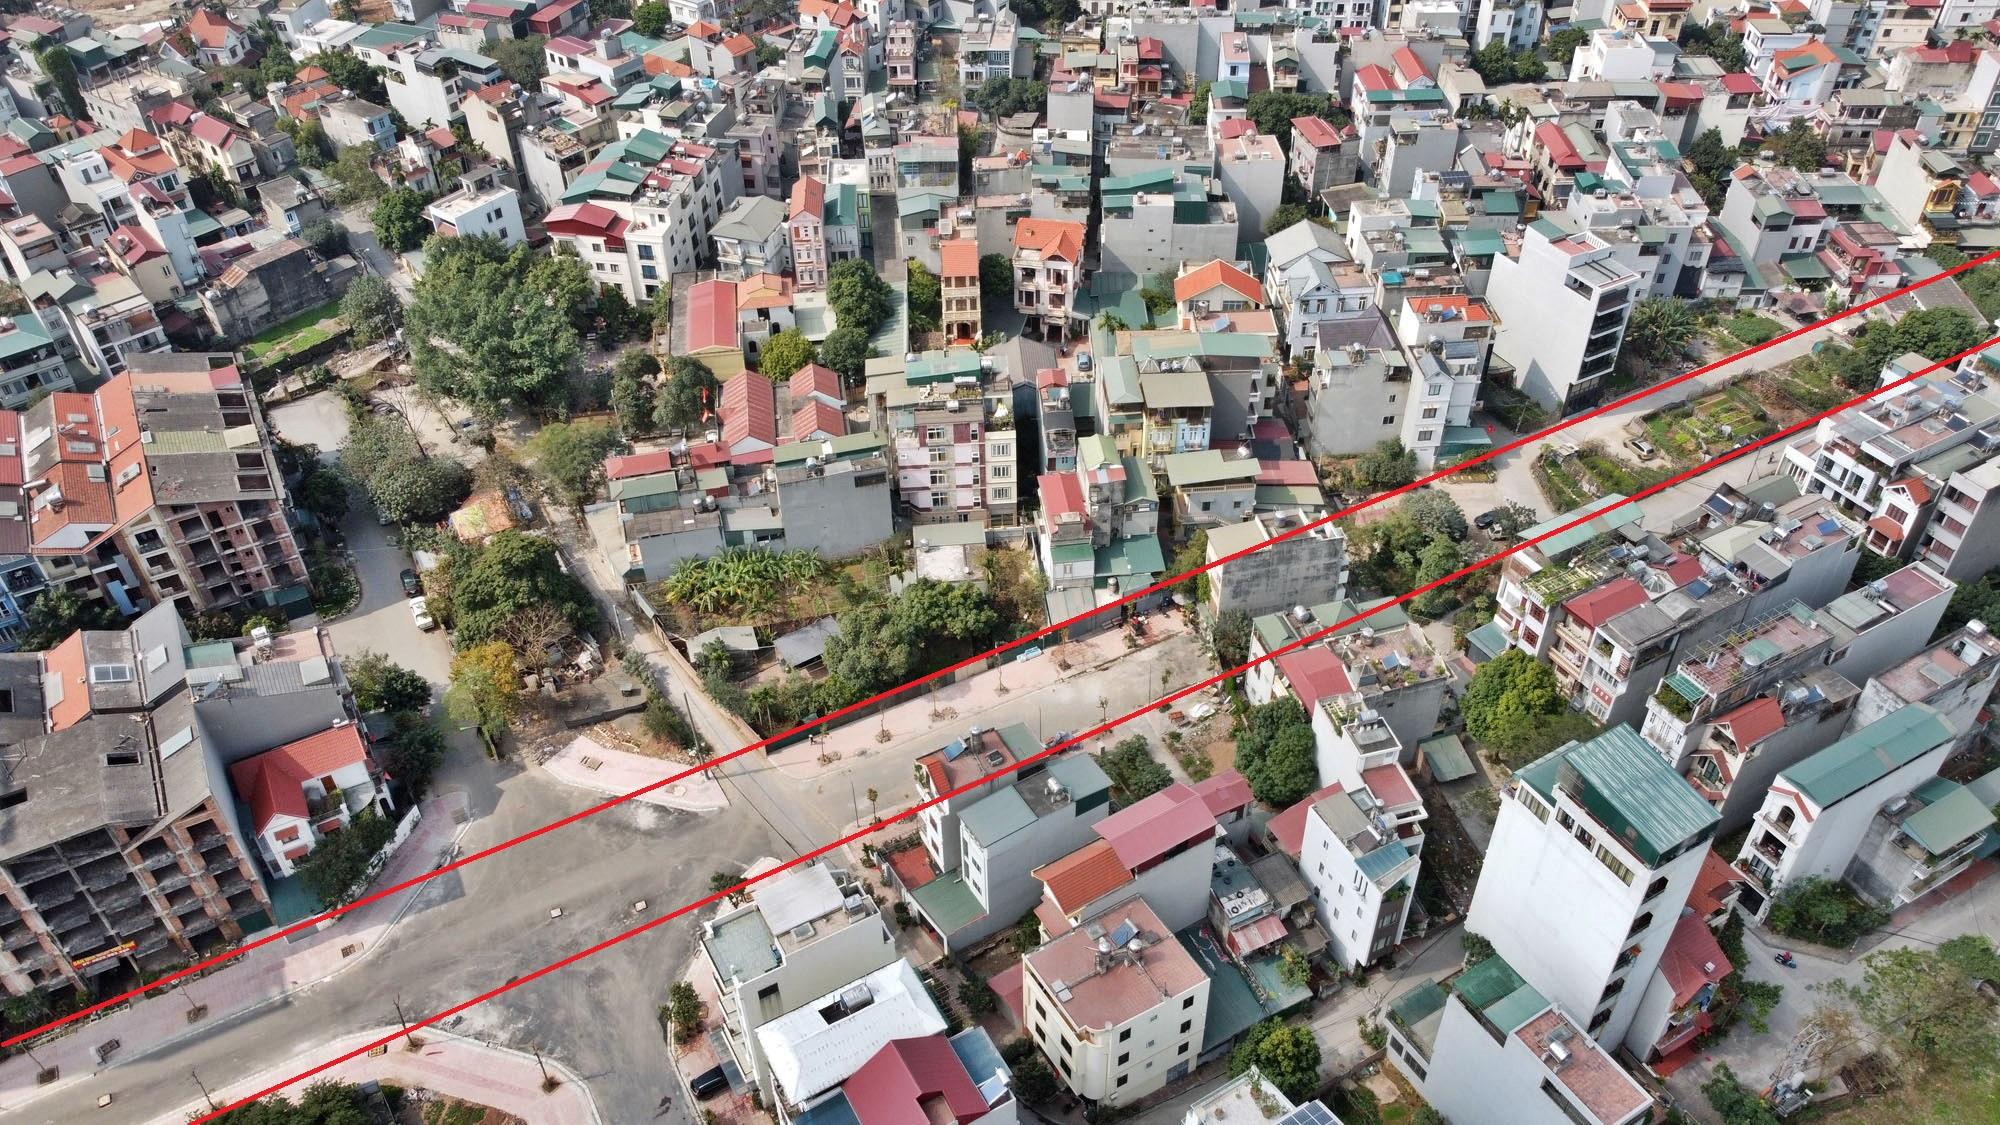 Ba đường mở theo quy hoạch ở phường Ngọc Thụy, Long Biên, Hà Nội (phần 3) - Ảnh 13.